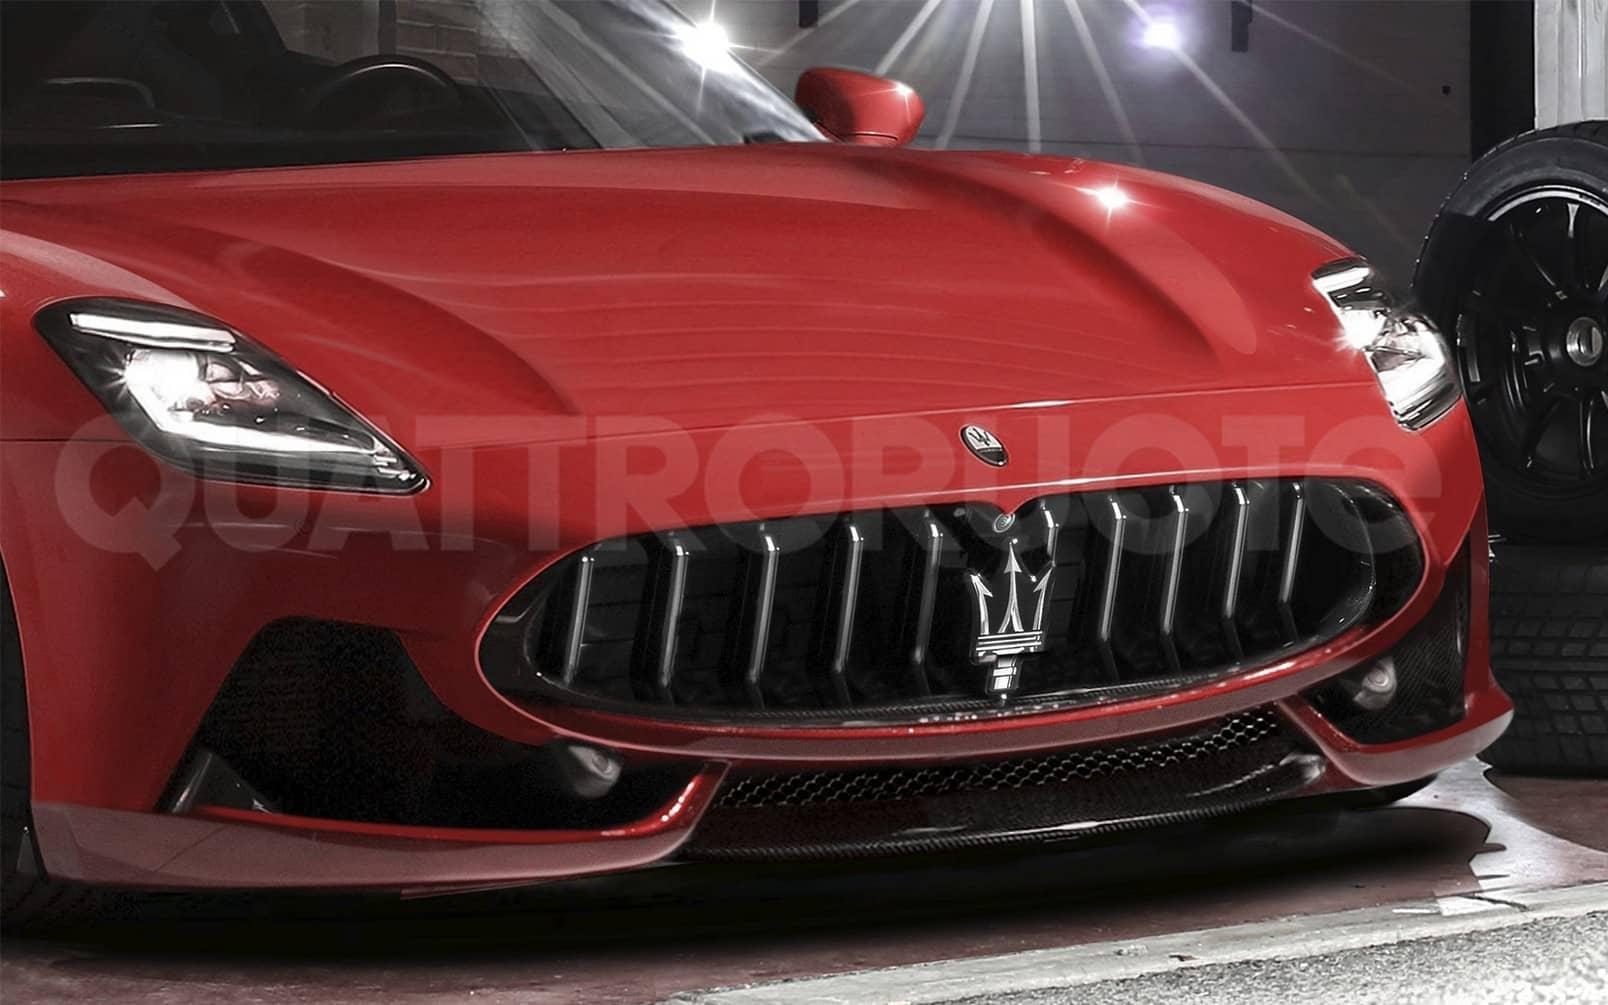 2021 - [Maserati] GranTurismo - Page 2 1627488224220